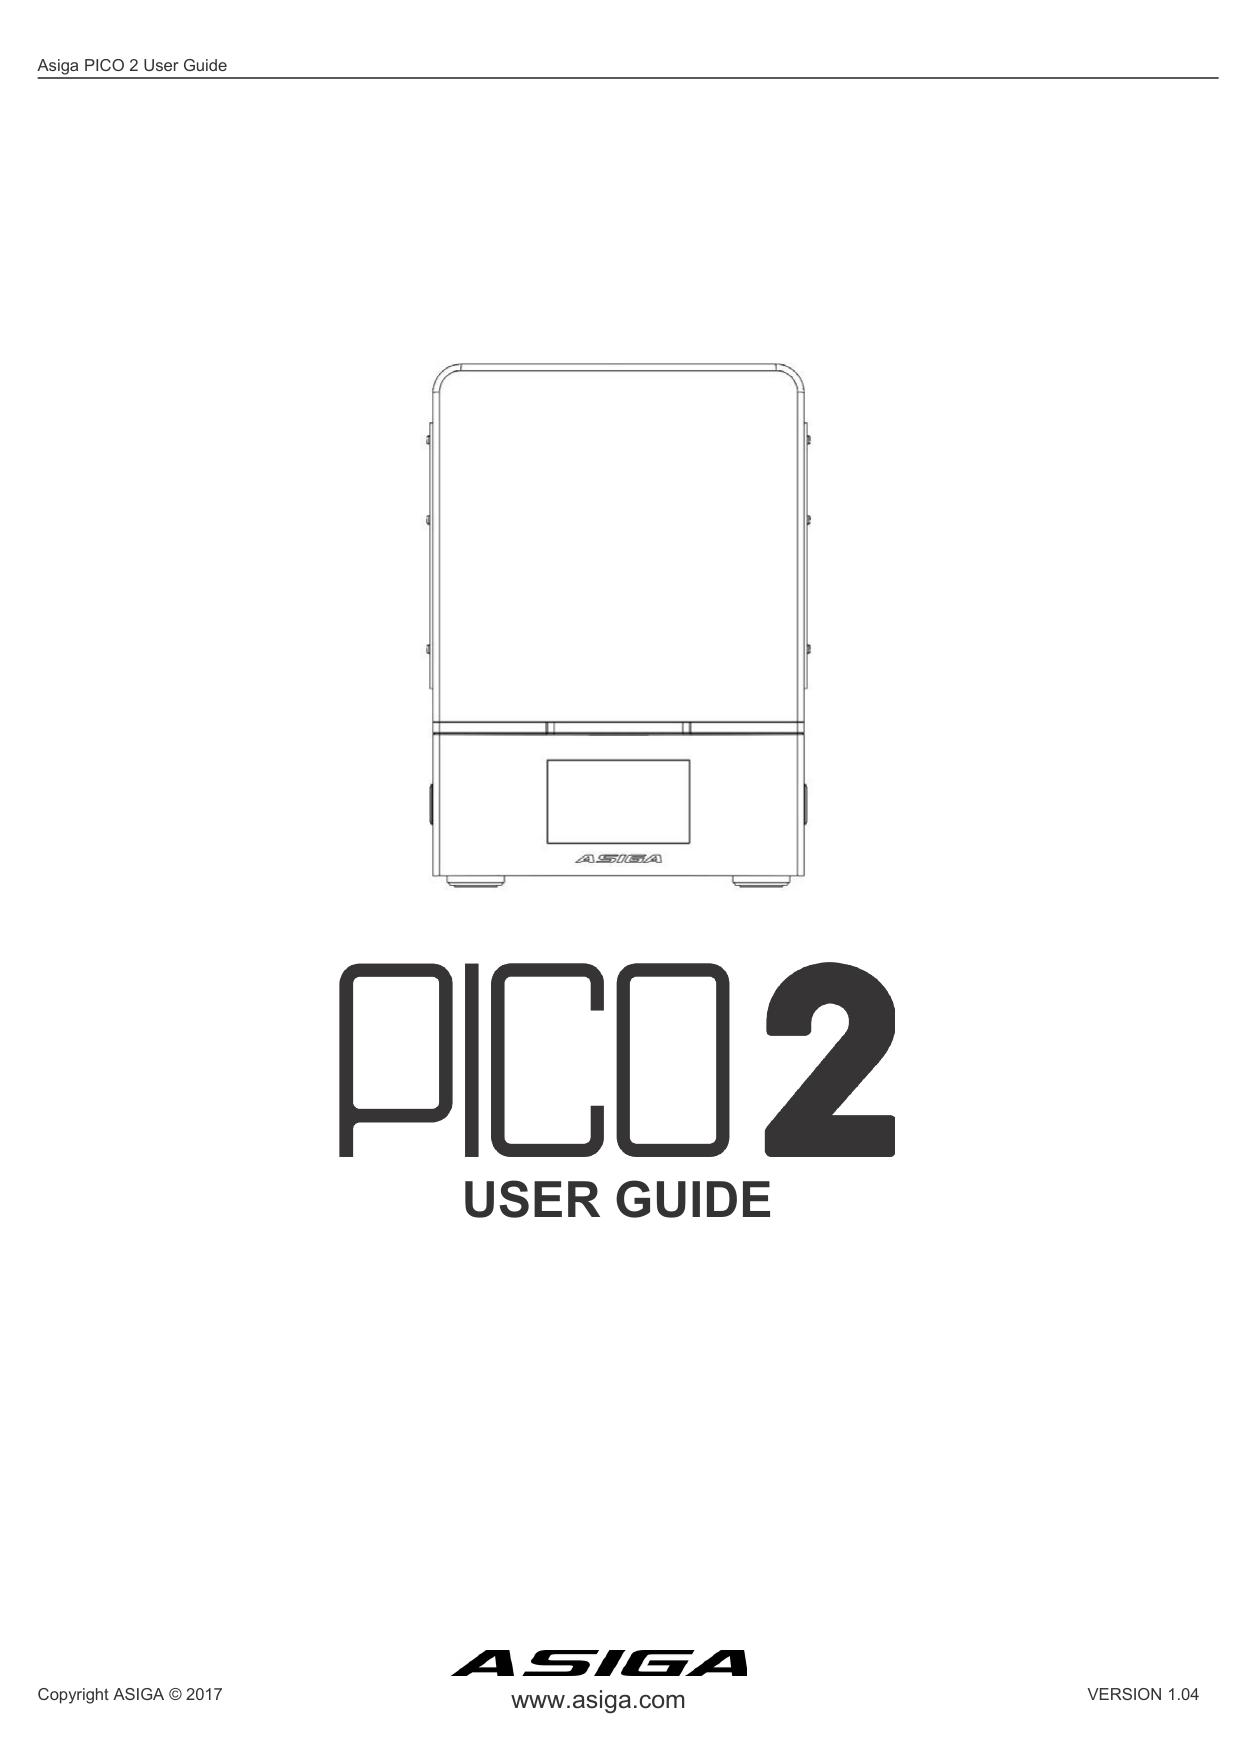 Pin By Matua I C E On Asiga Manual Guide